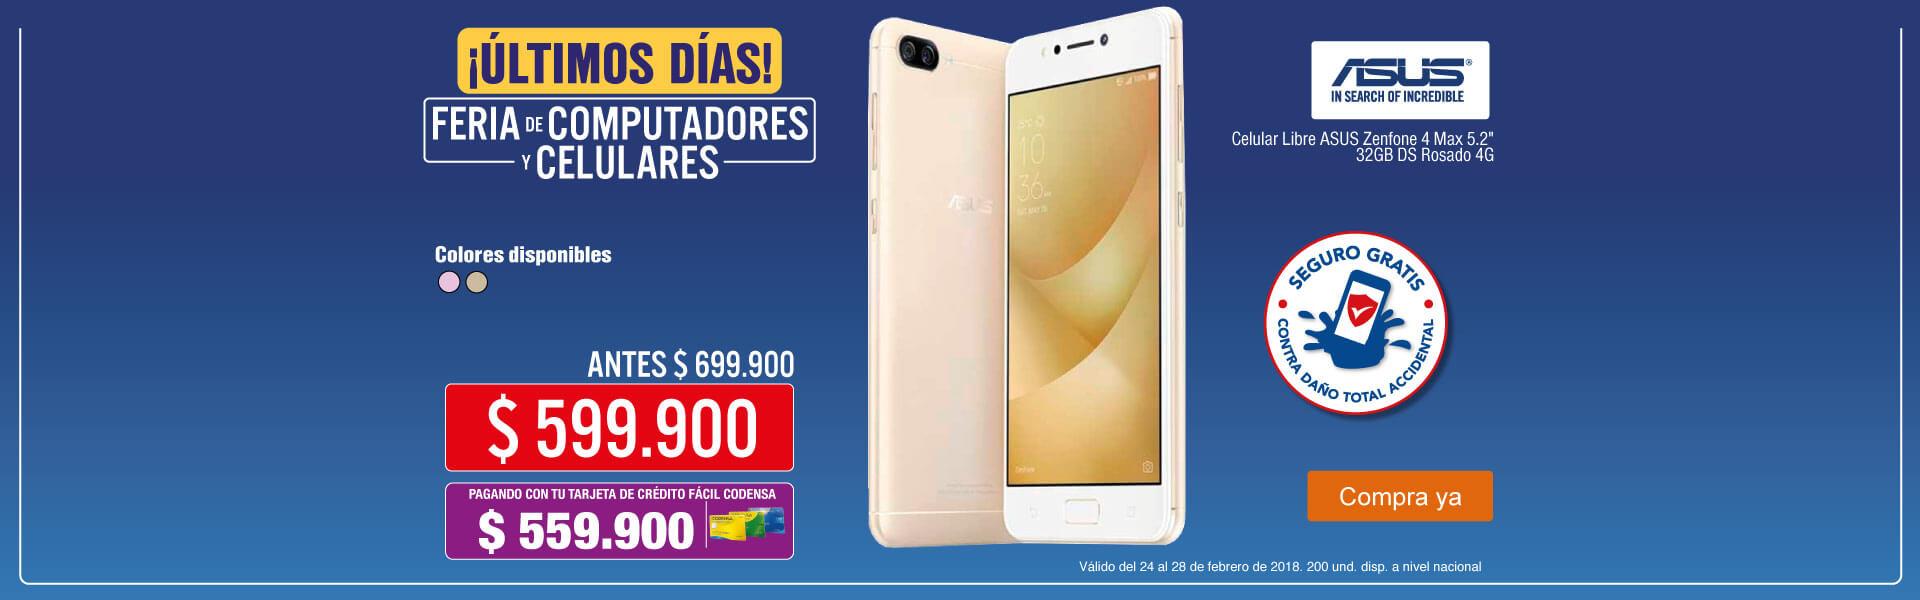 PPAL KT -3-celulares-ASUSZenfone4Max-cat-febrero-24/28